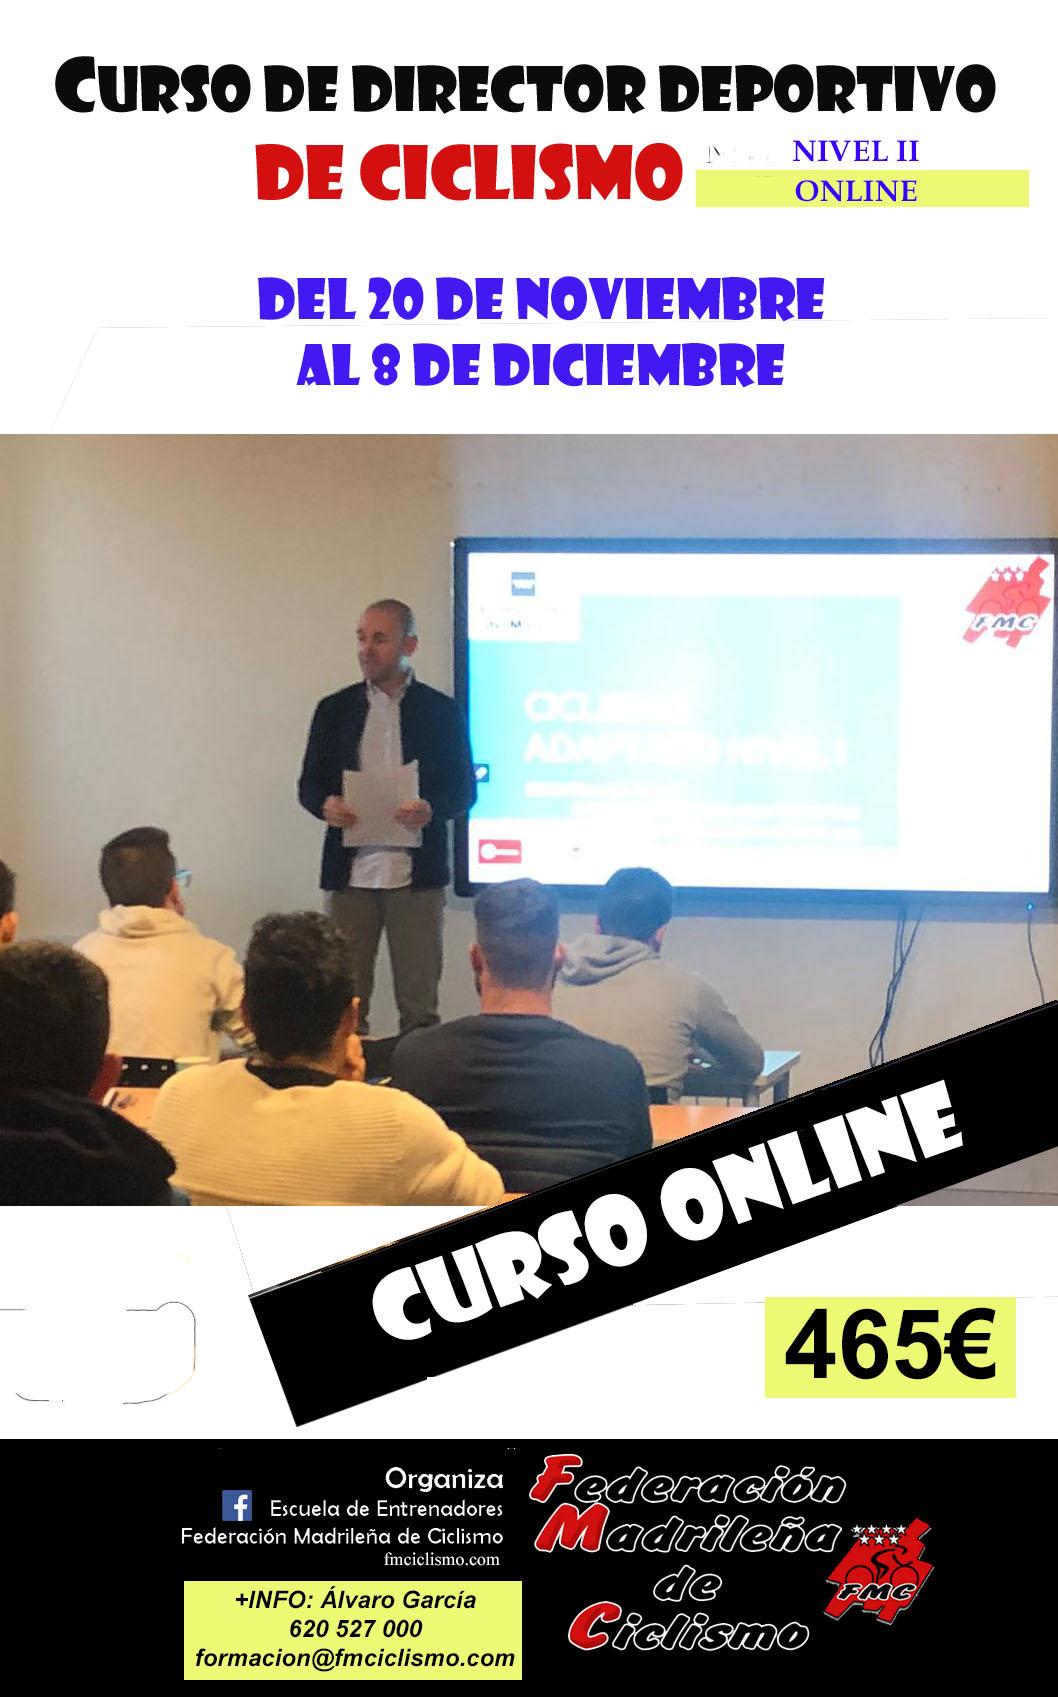 La FMC imparte los cursos de Director Deportivo Nivel I y II en formato online (ACTUALIZADA)